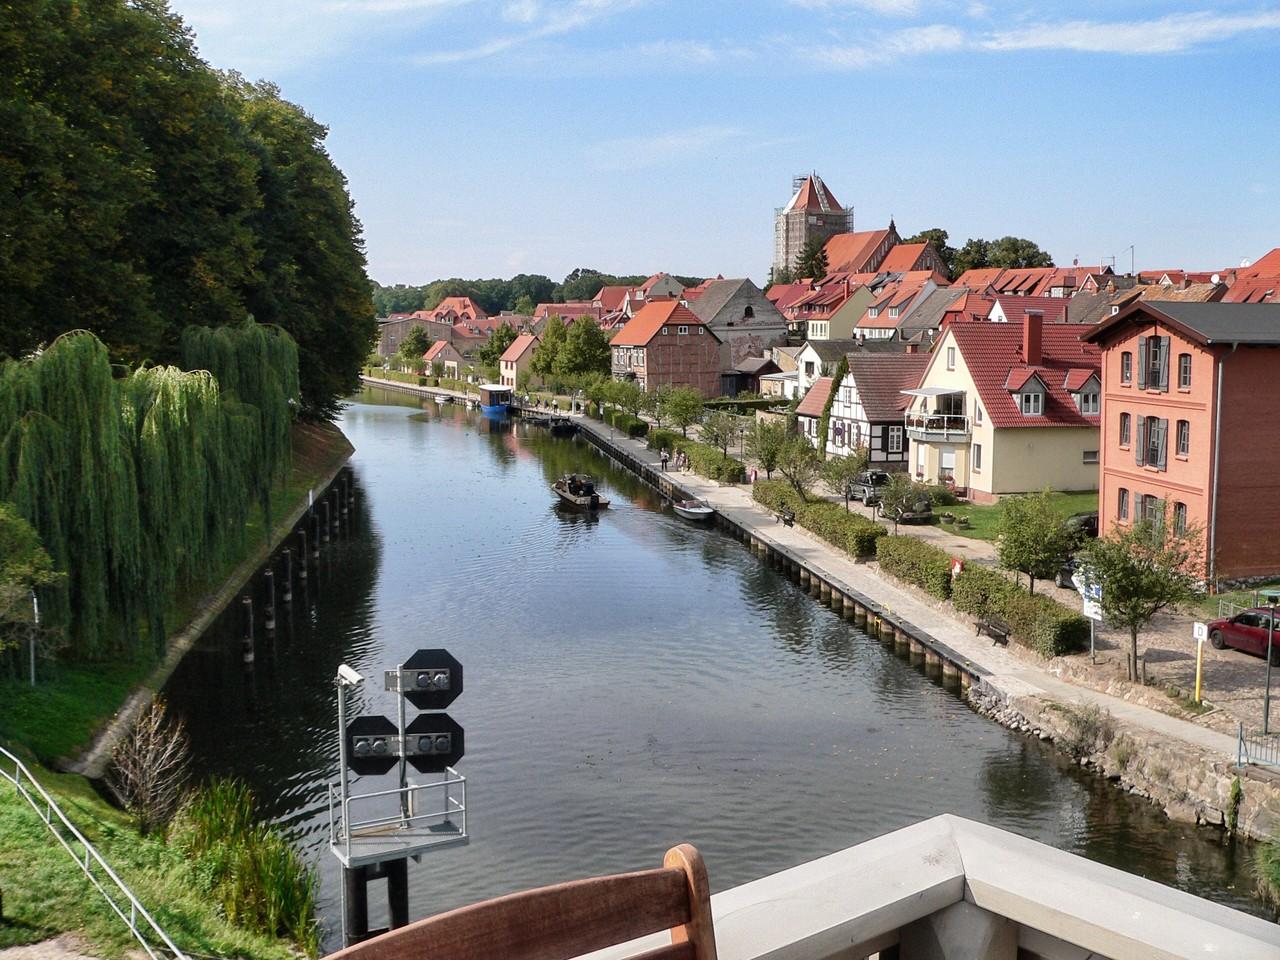 Blick auf Fluss und Altstadt